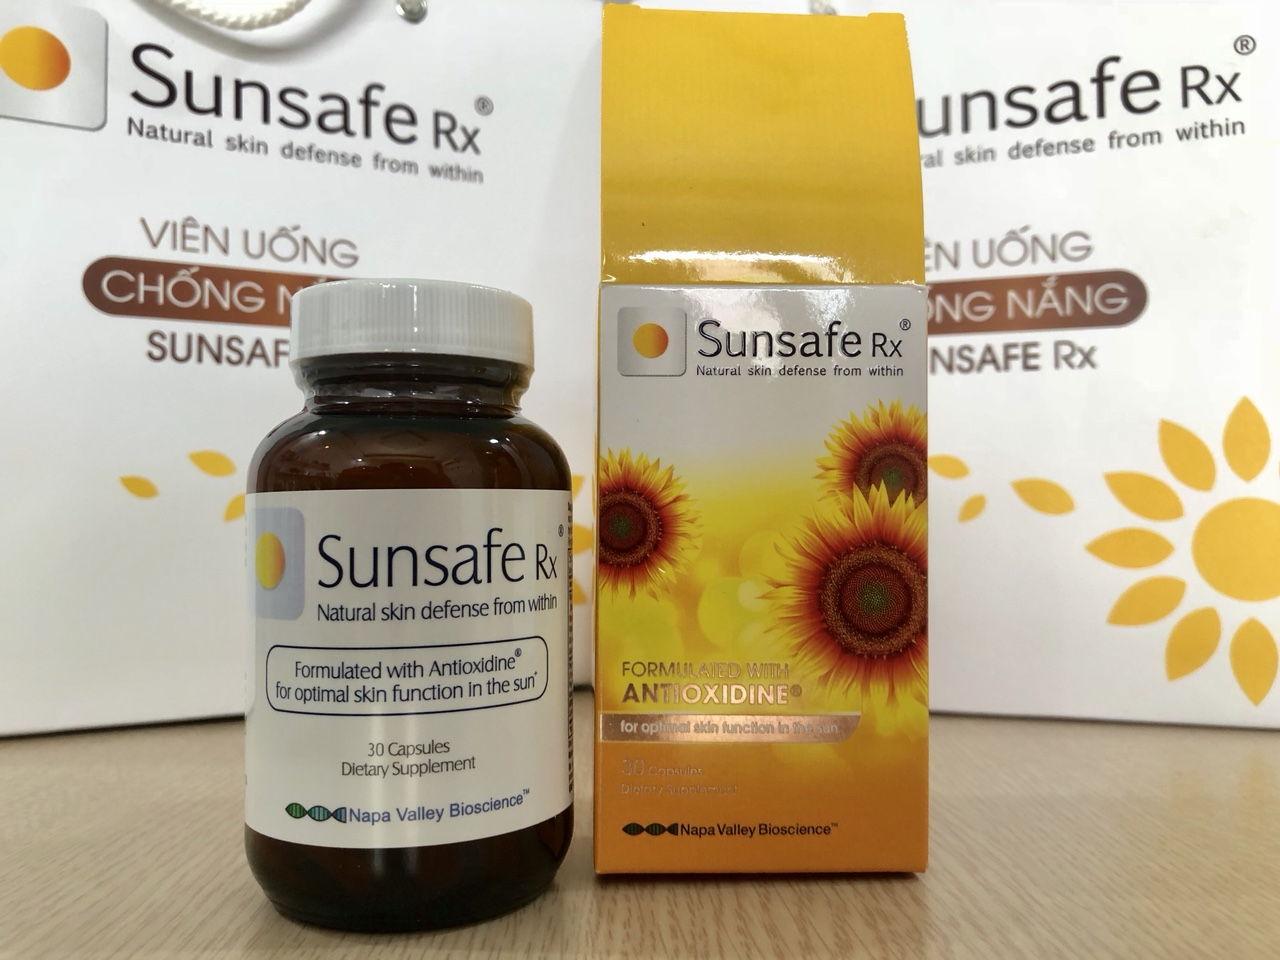 Viên uống chống nắng Sunsafe